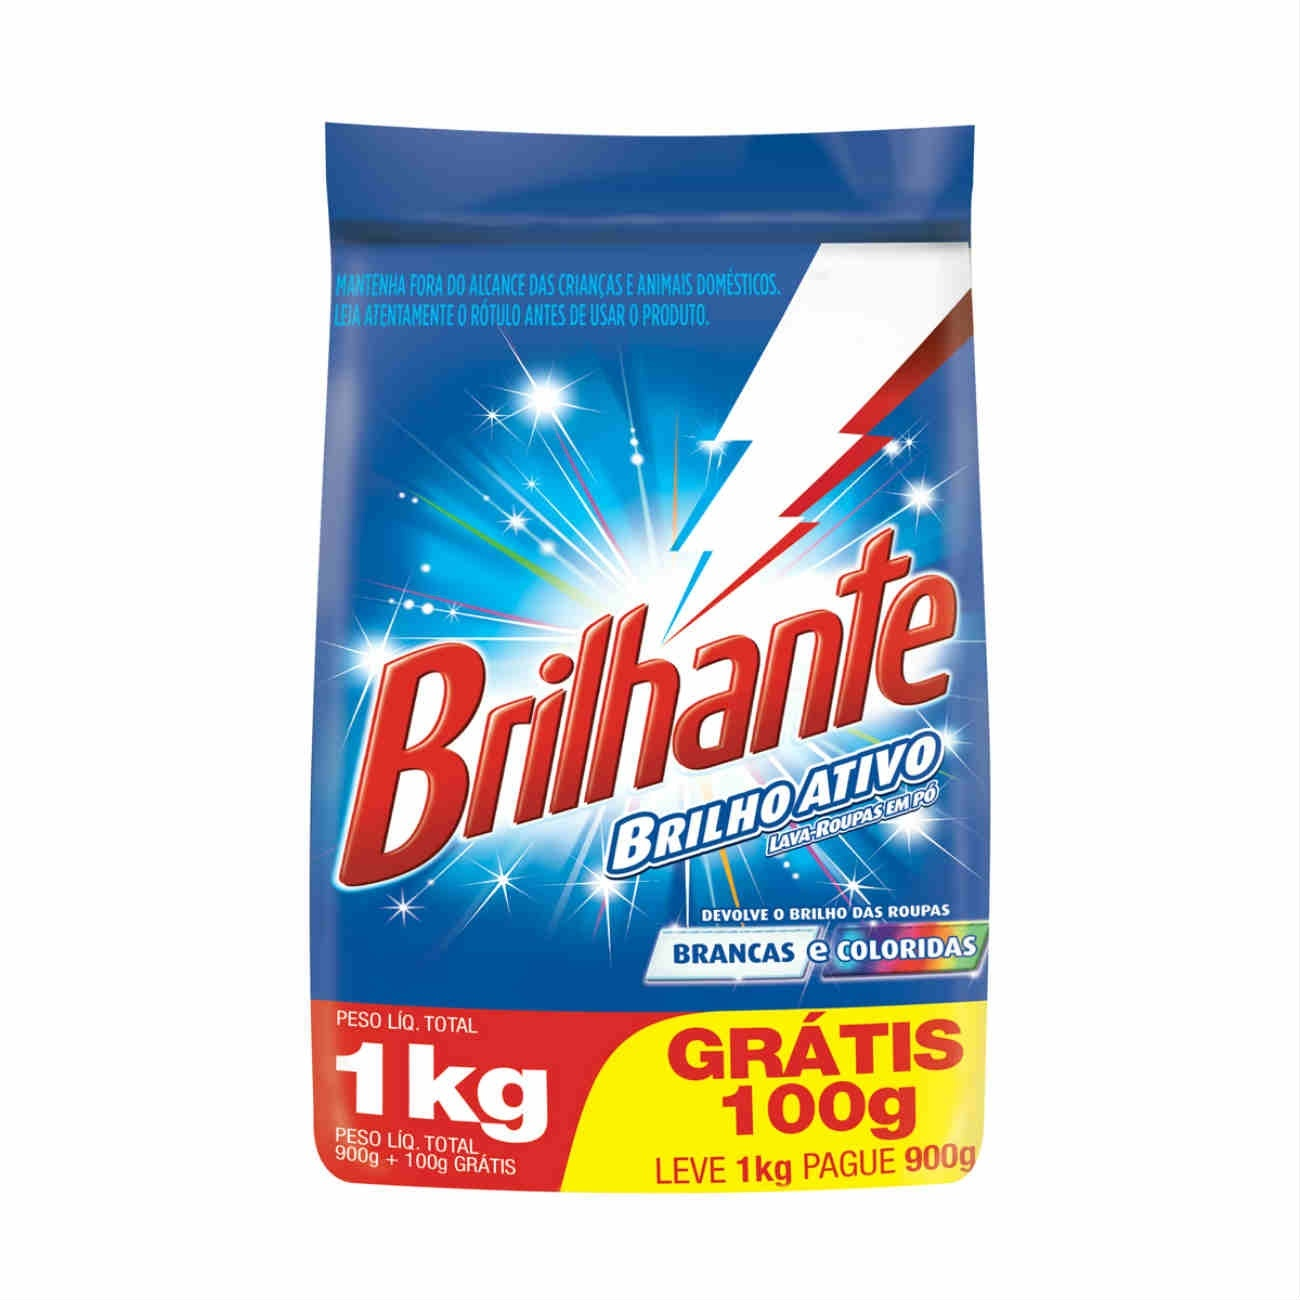 Oferta Detergente em Pó Brilhante Multi tecidos Pague 900g Leve 1Kg